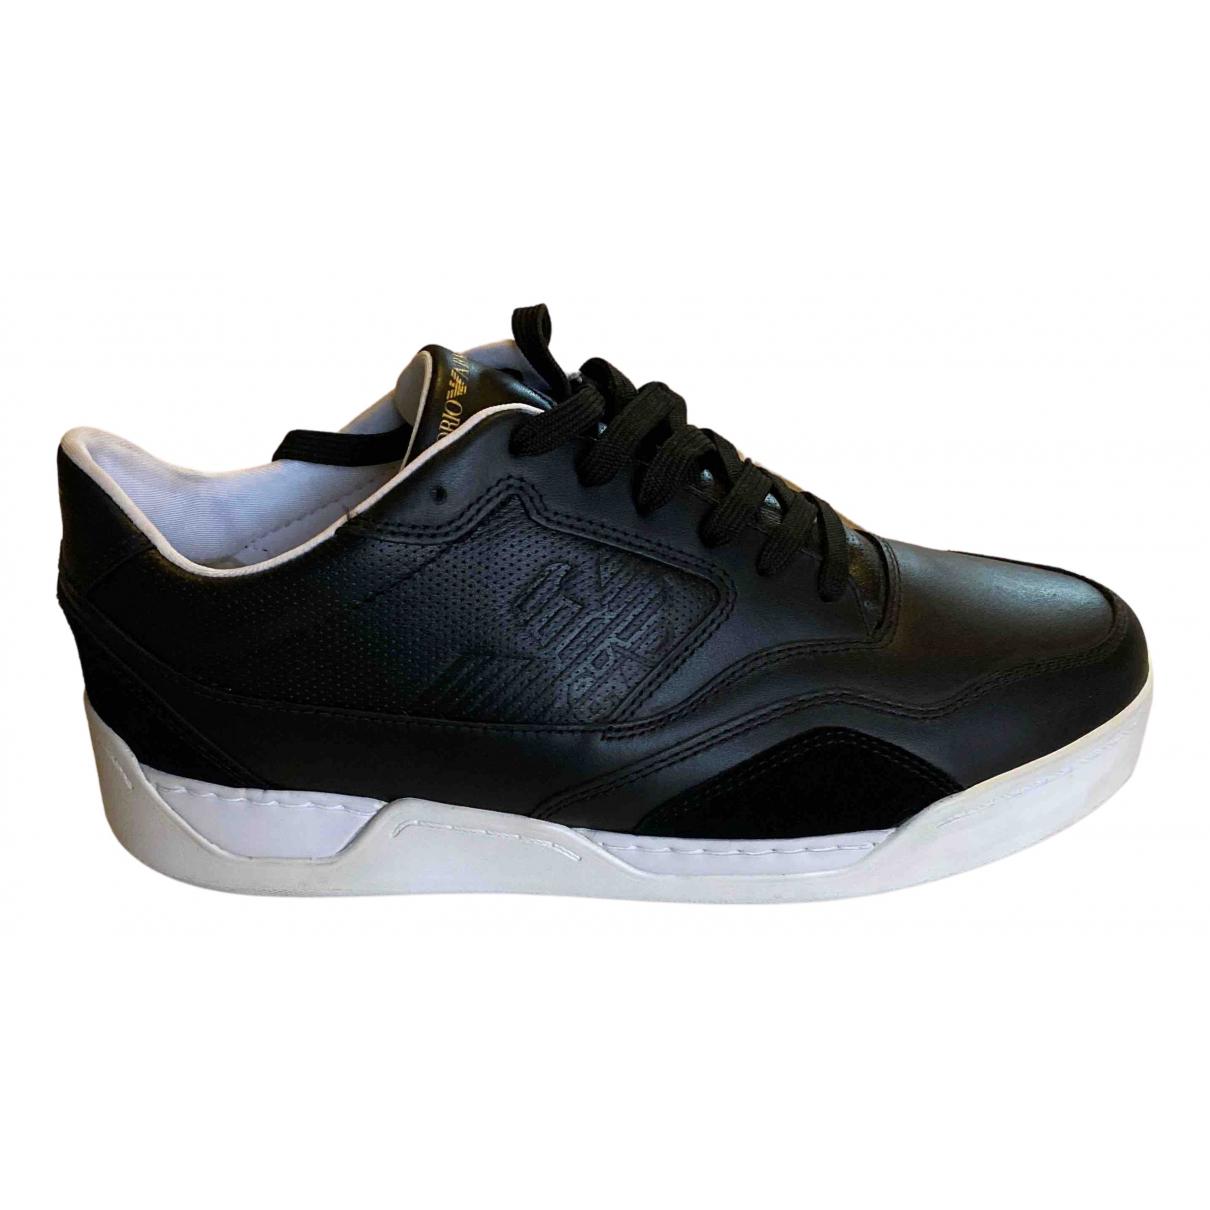 Emporio Armani - Baskets   pour homme en cuir - noir